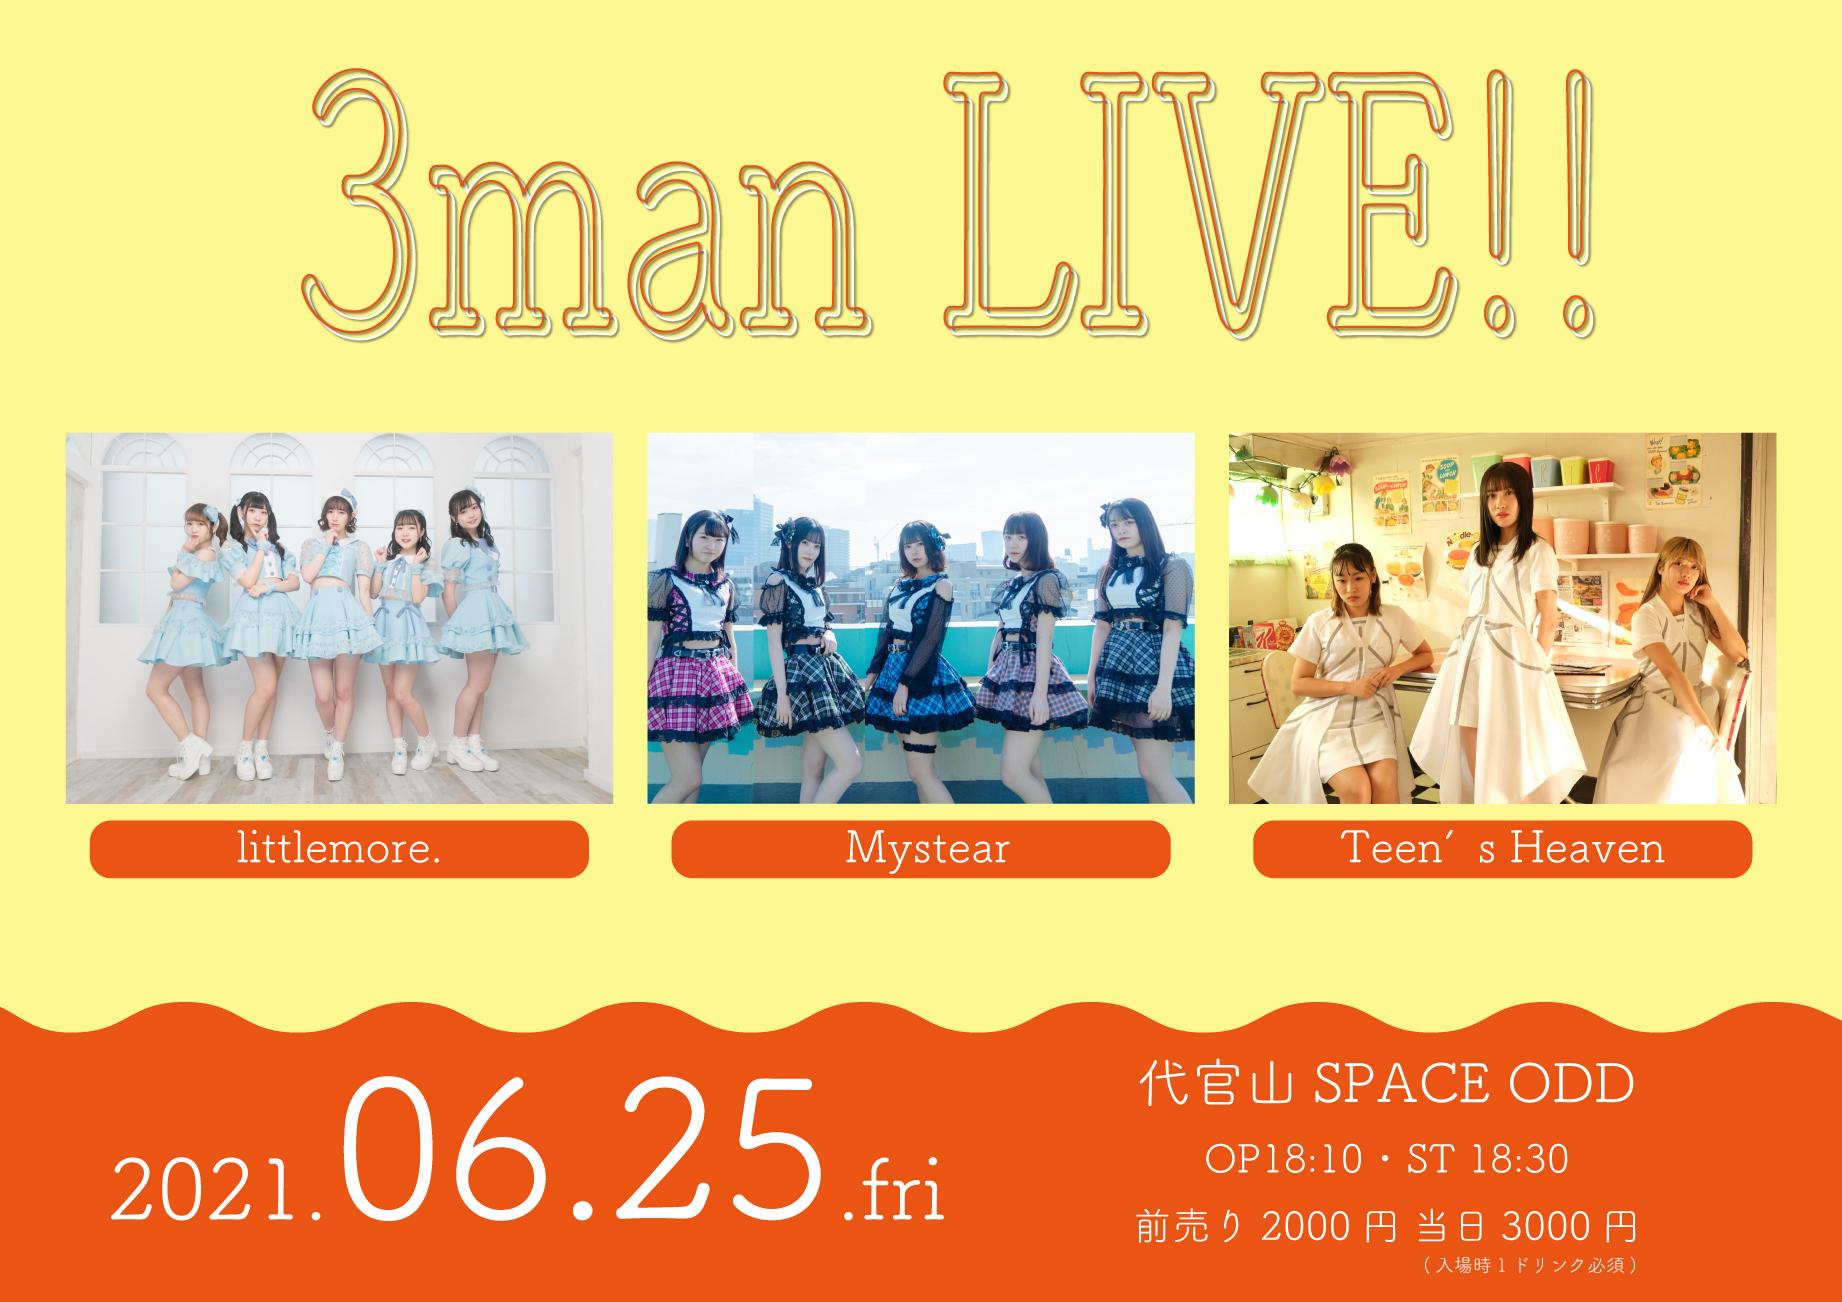 6/25(金) littlemore. × Mystear × Teen's Heaven 3man LIVE!!